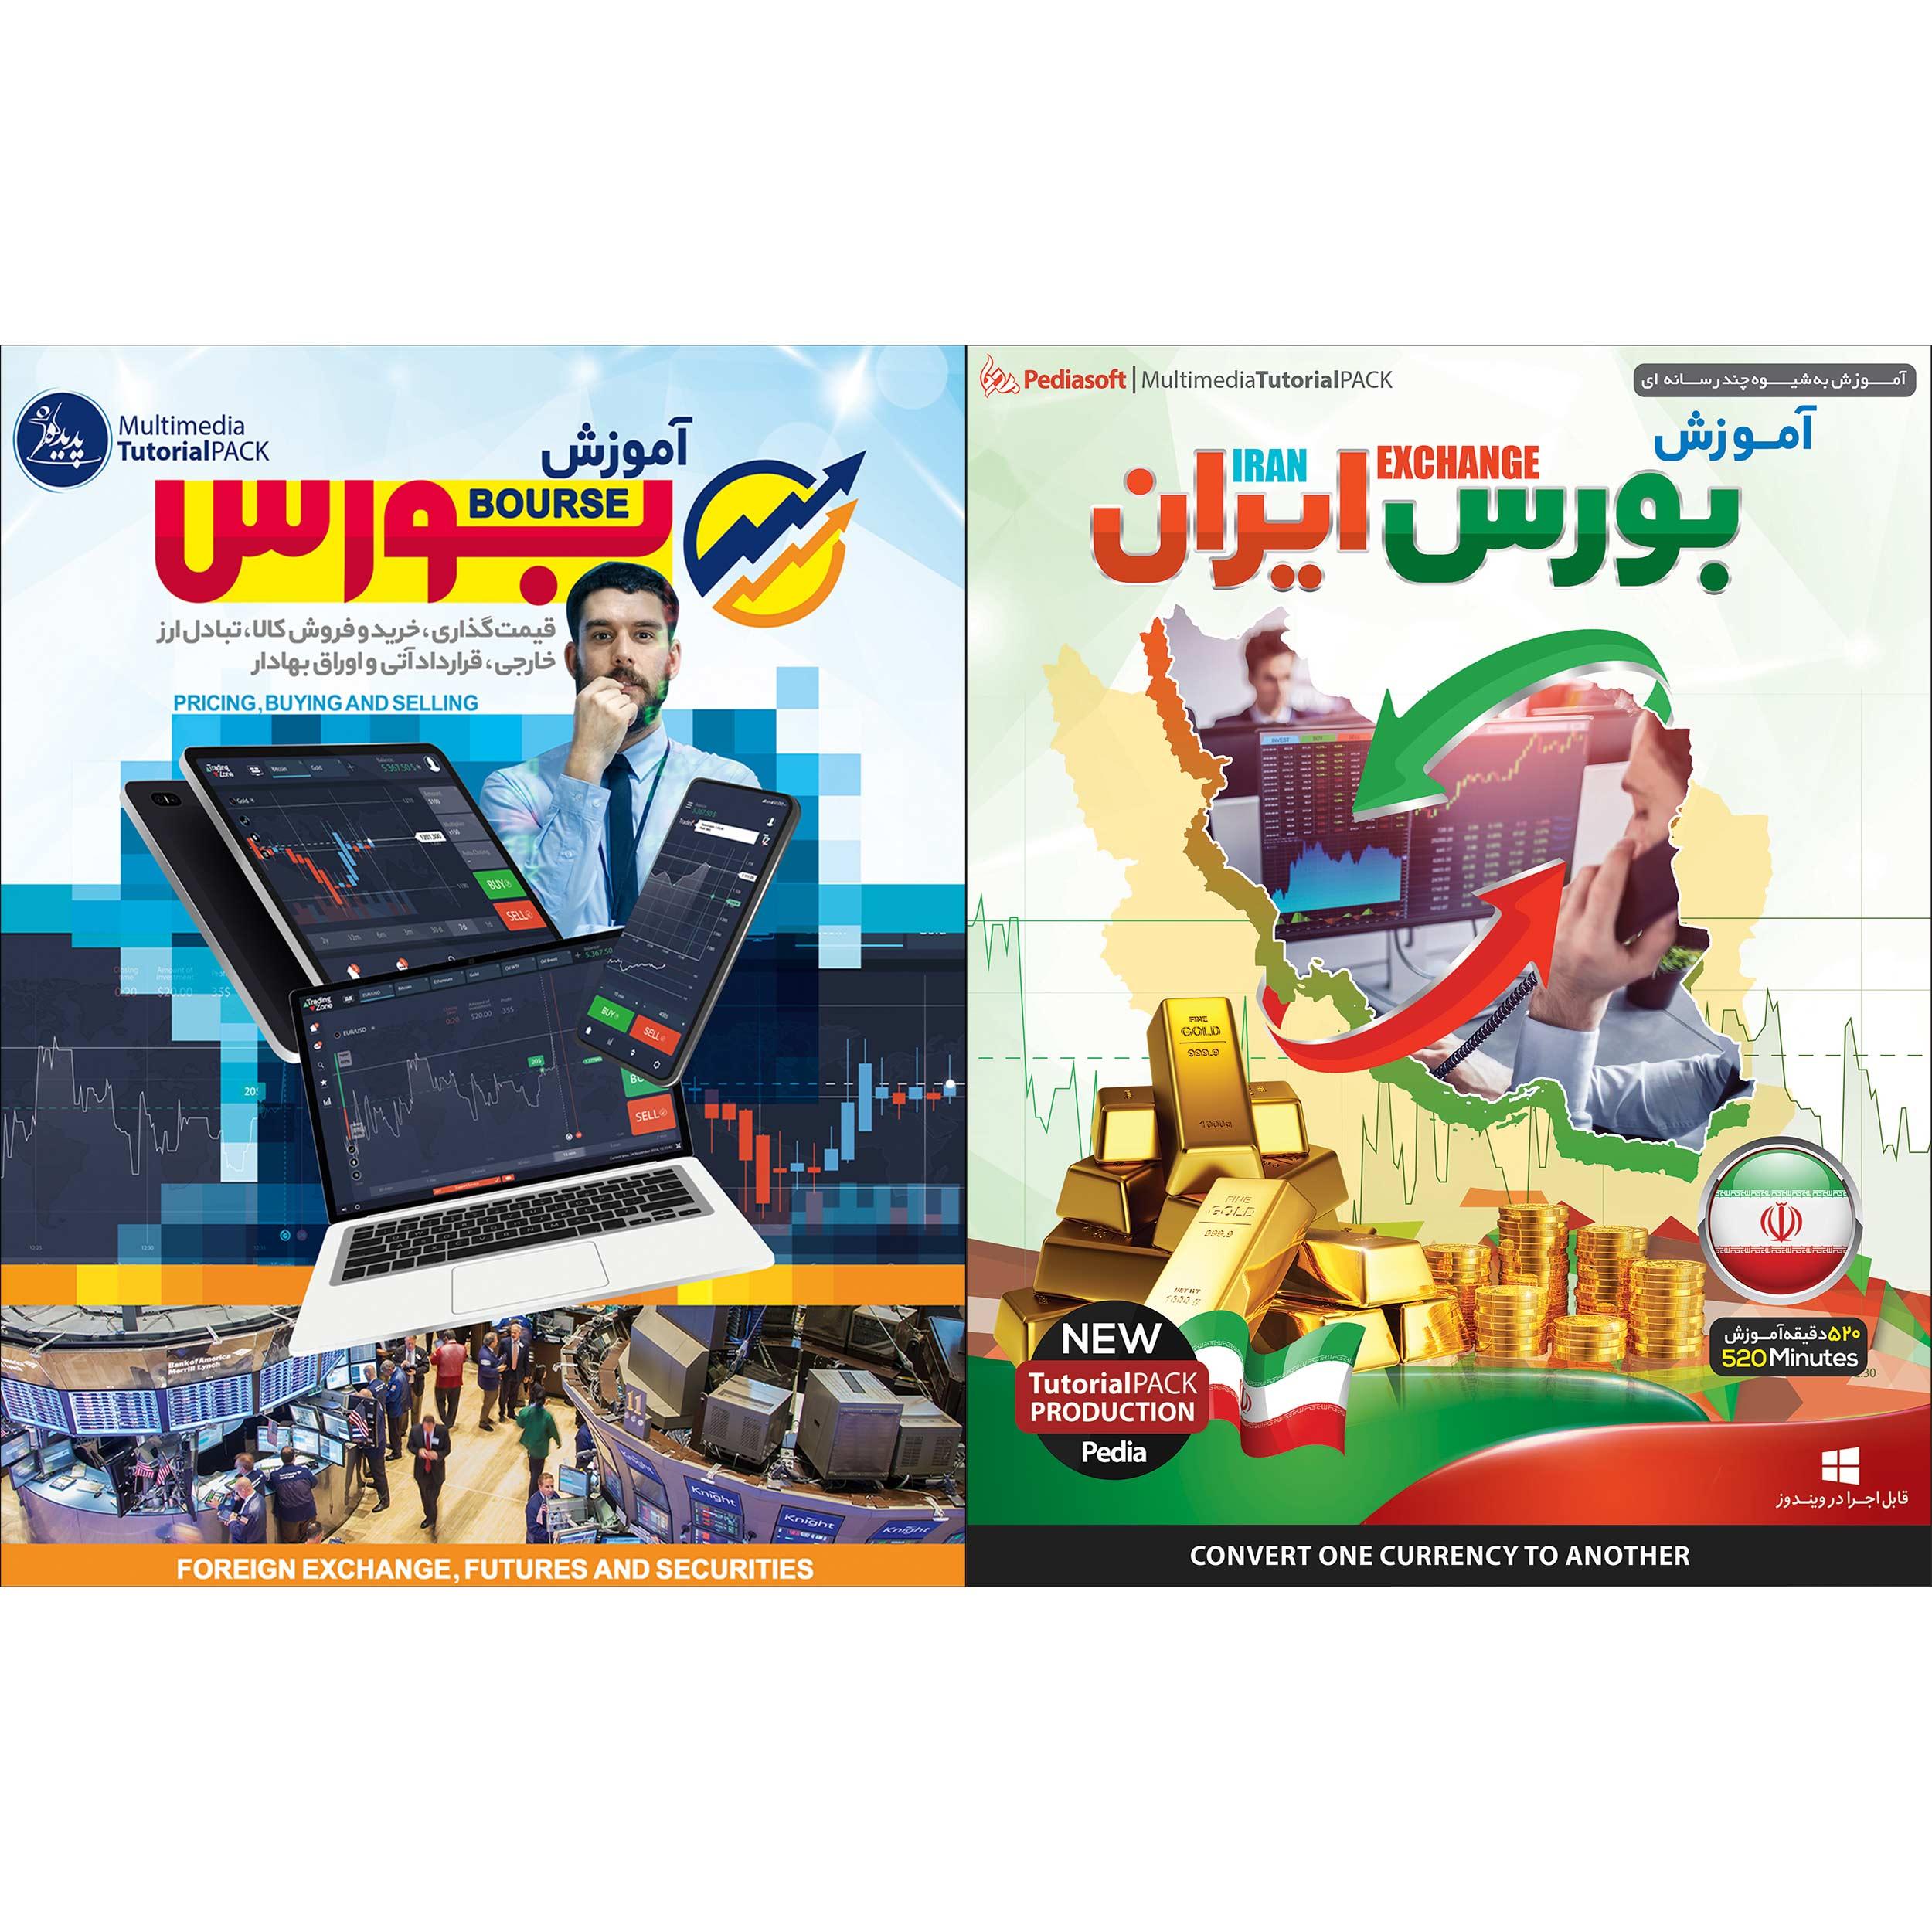 خرید اینترنتی نرم افزار آموزش بورس ایران نشر پدیا سافت به همراه نرم افزار آموزش بورس نشر پدیده